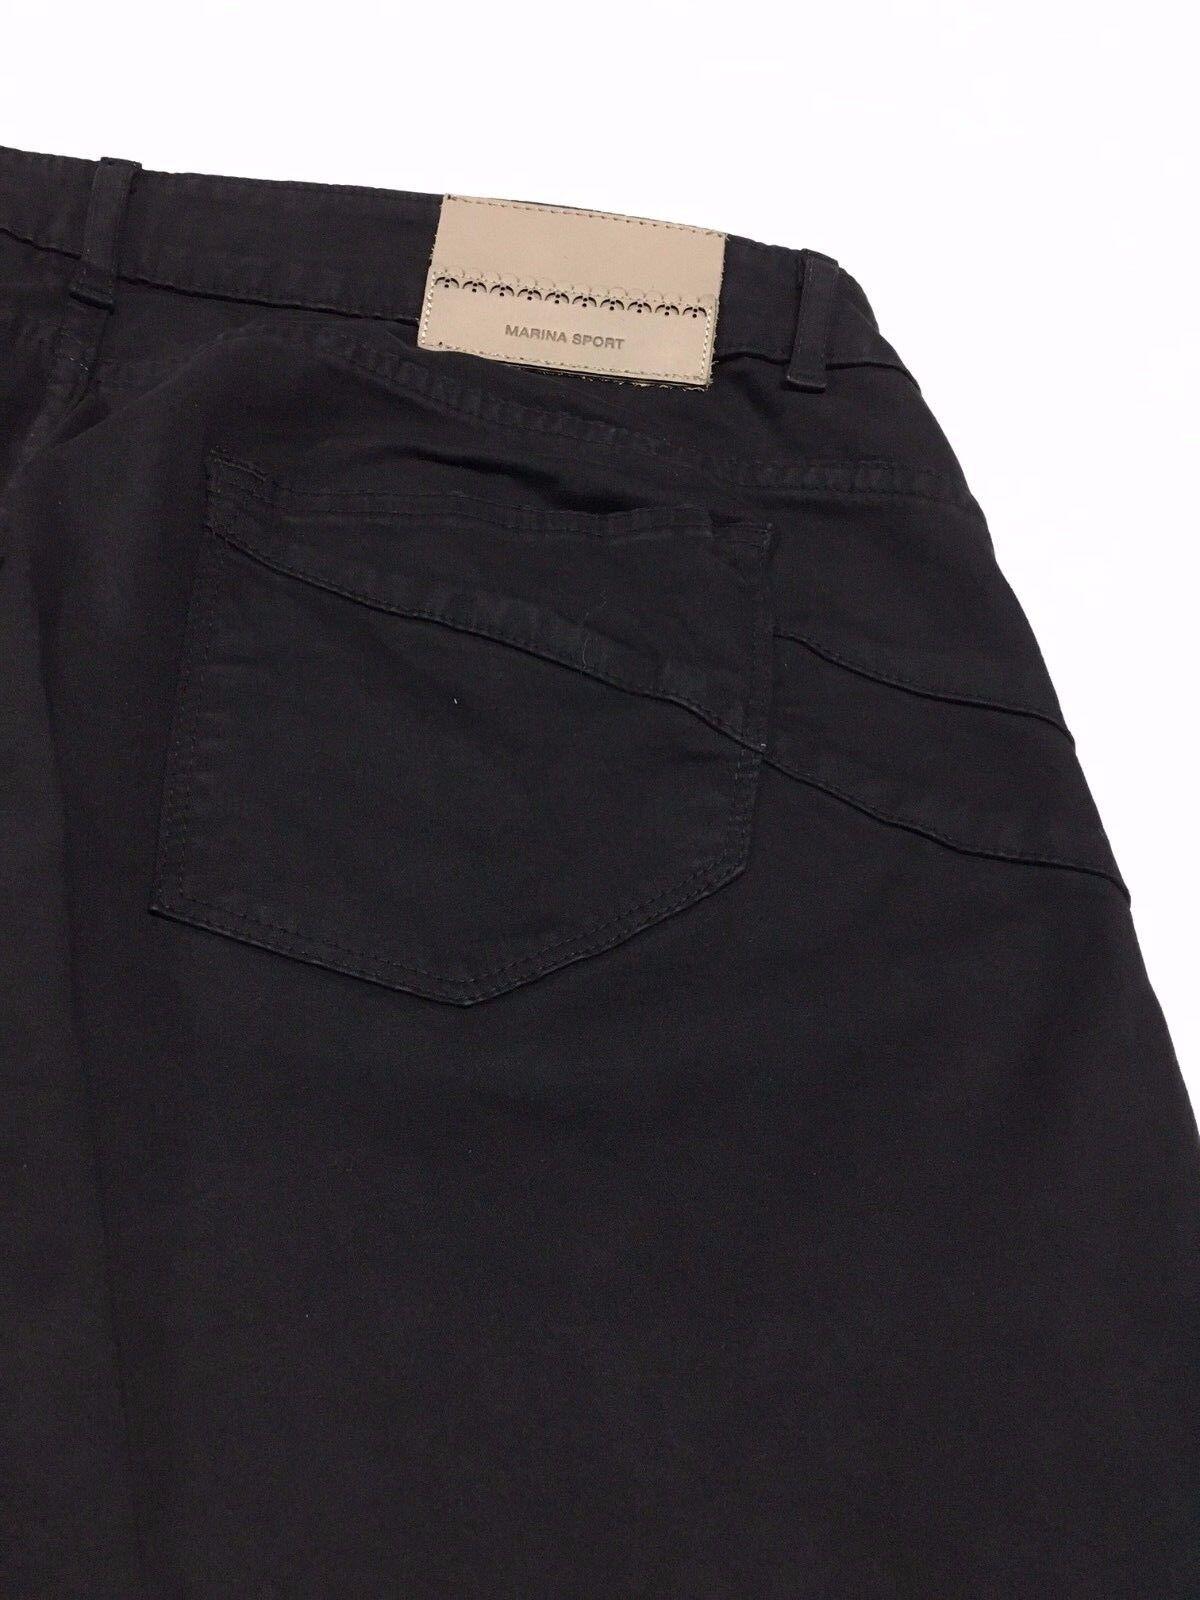 MARINA MARINA MARINA SPORT by Marina Rinaldi pantalone donna nero jeans RANCH cotone invernale 2fea8c